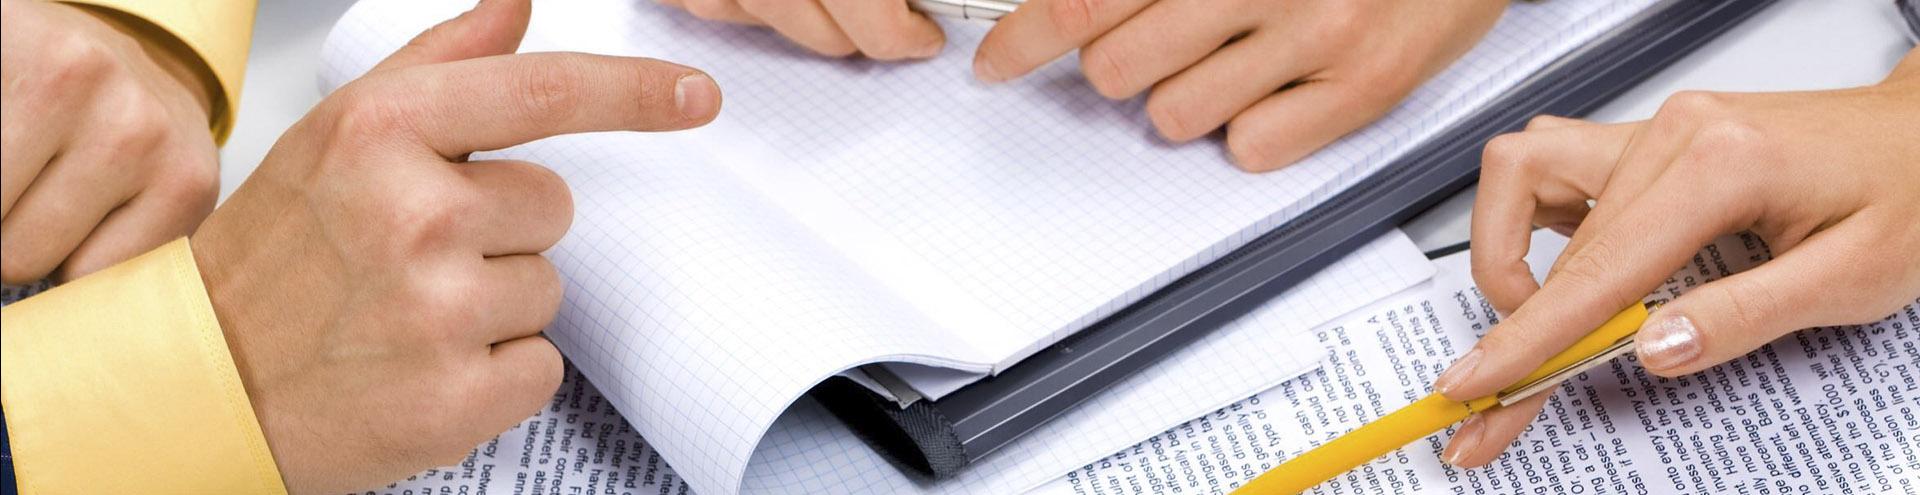 административное дело - рассмотрение административного дела в Оренбурге